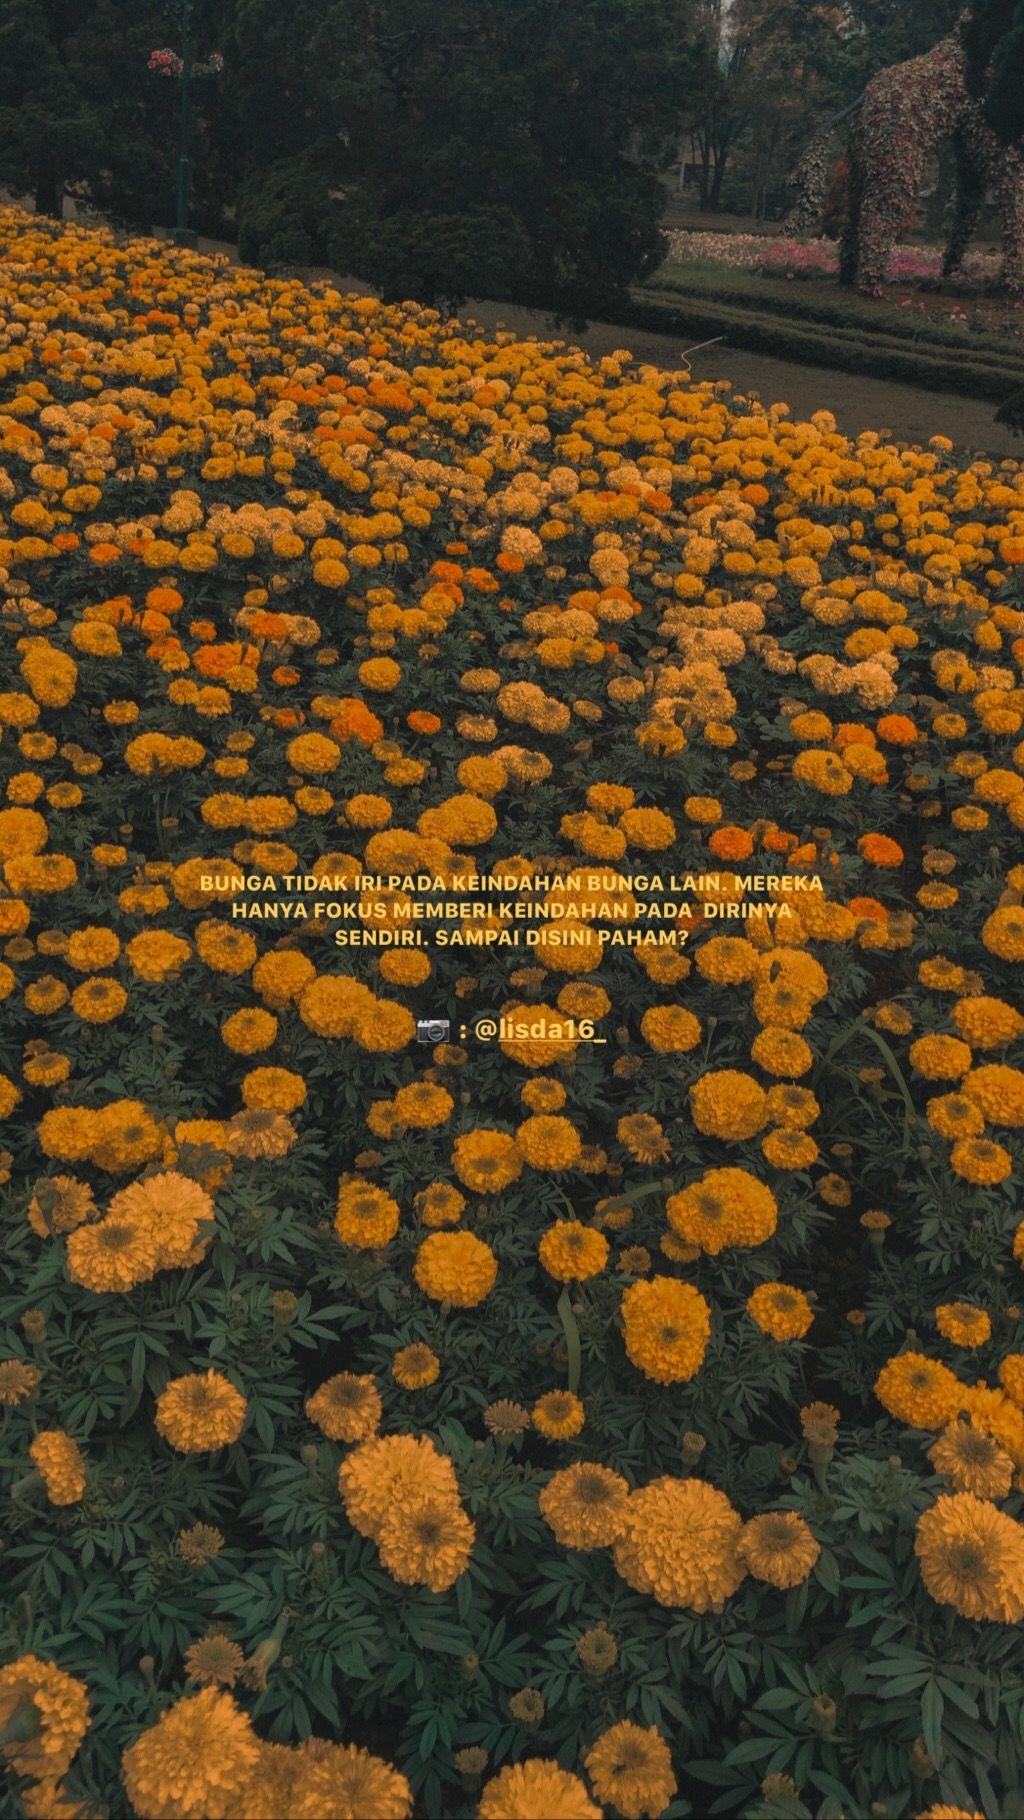 Quotes Bunga